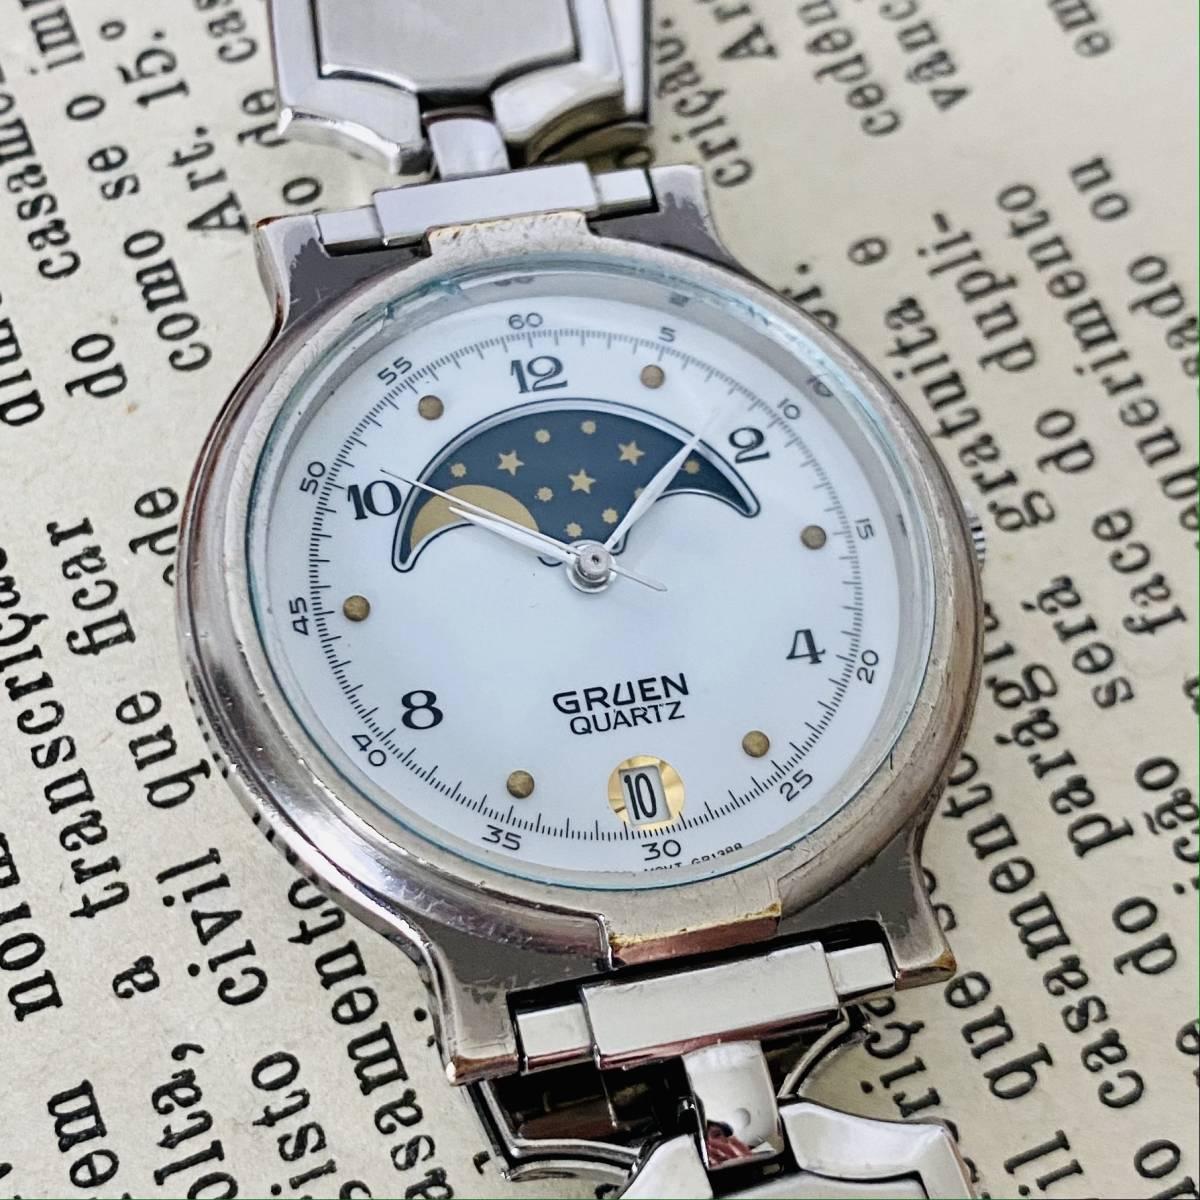 【高級時計グリュエン】Gruen ムーンフェイス クォーツ 腕時計 レディース ビンテージ ブレスレット カクテル ウォッチ クリスタル 訳あり_画像3